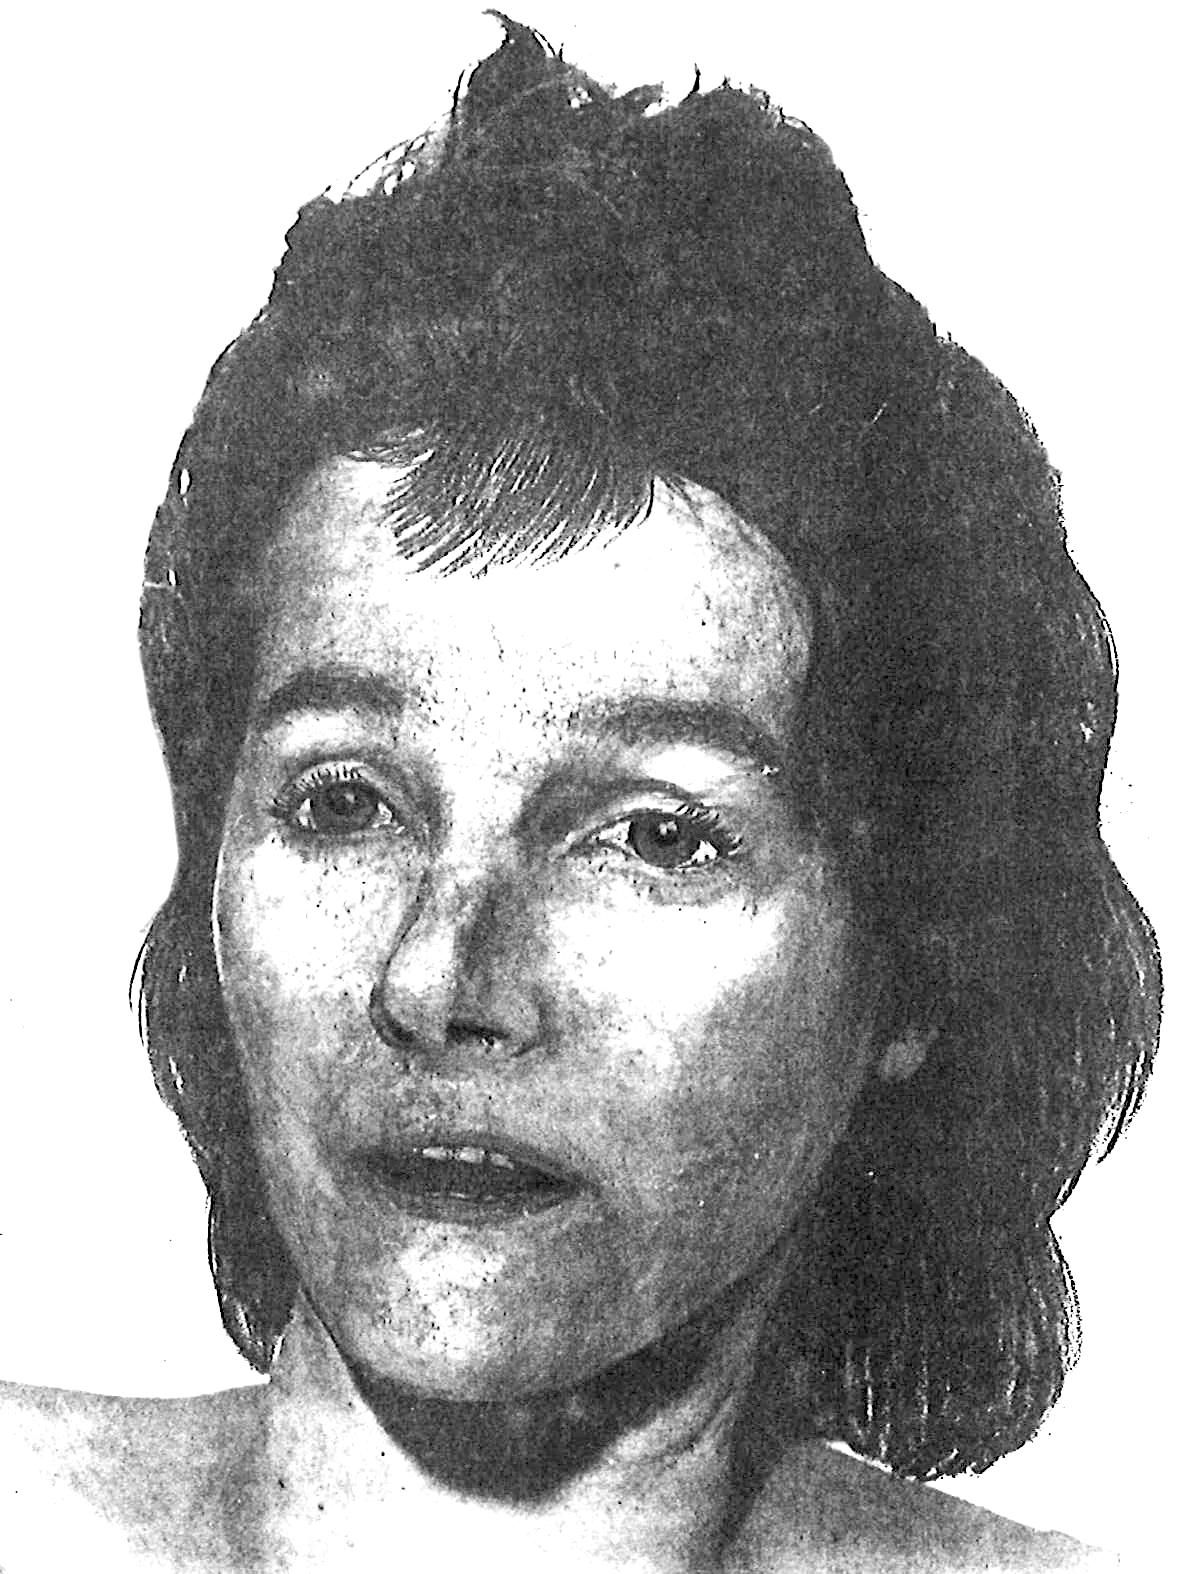 Oklahoma City Jane Doe (1996)